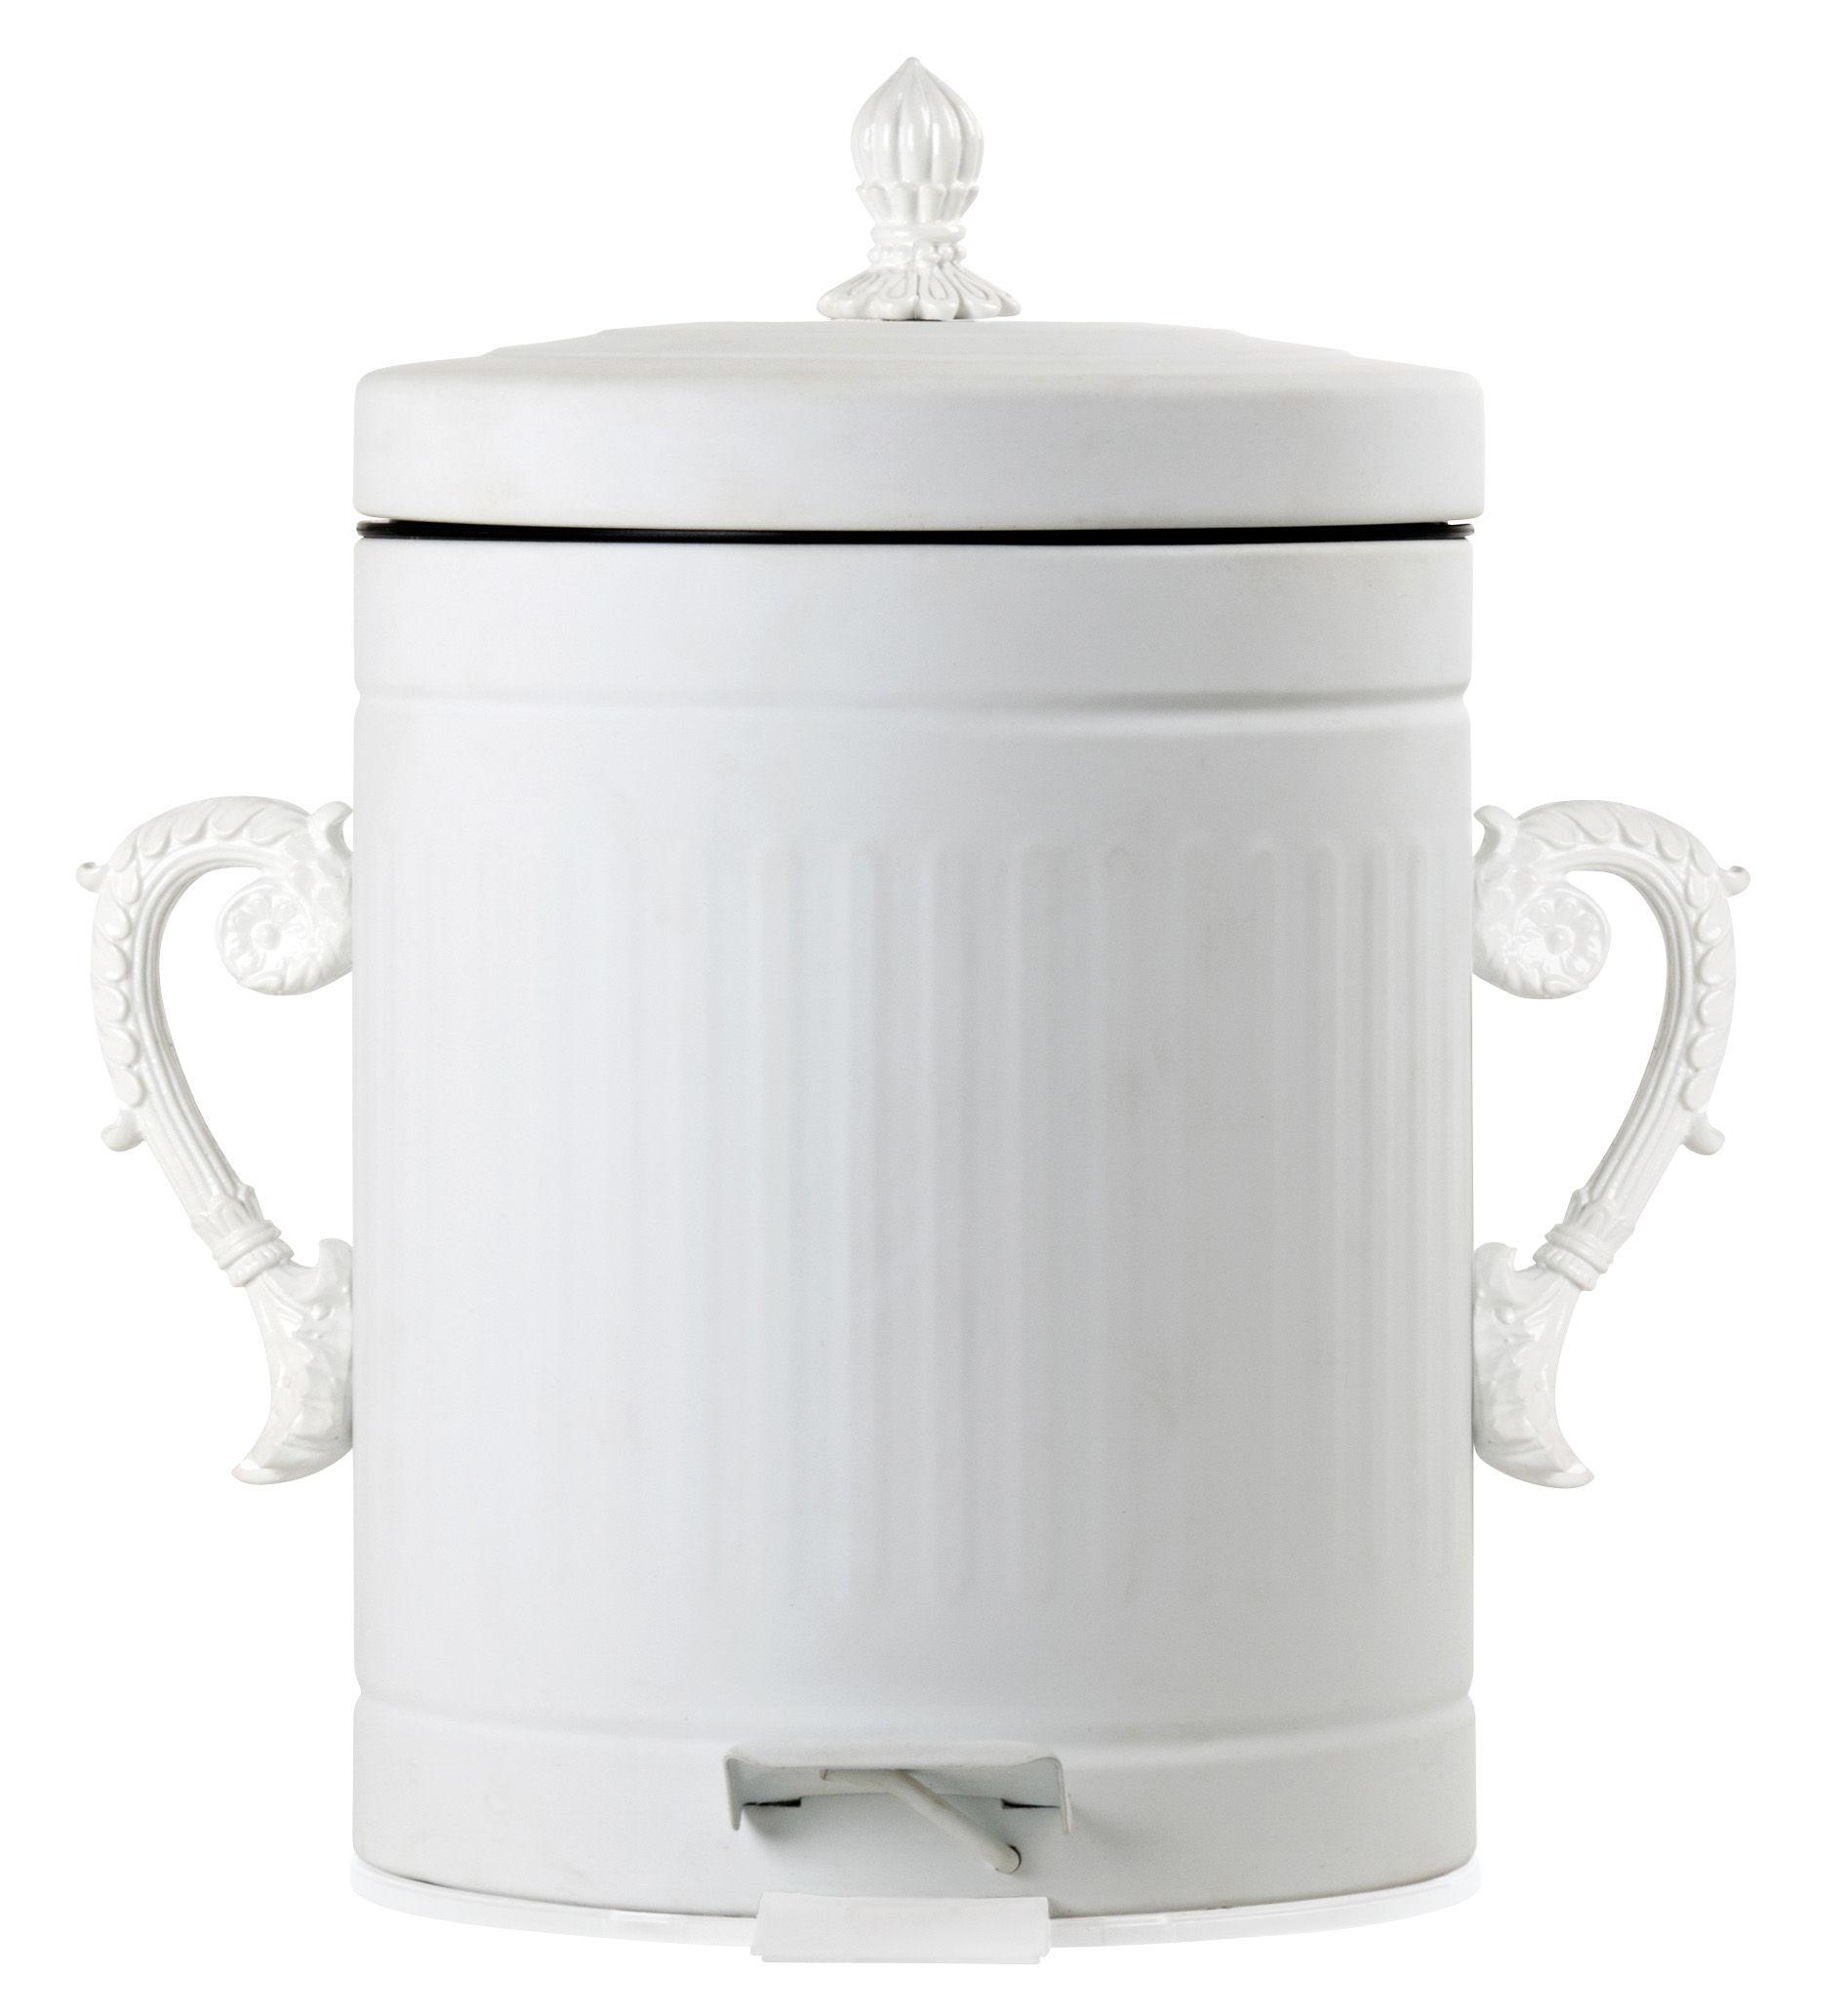 Interni - Bagno  - Pattumiera Trash Chic - 5 Litri di Seletti - Bianco - 5 litri - Metallo